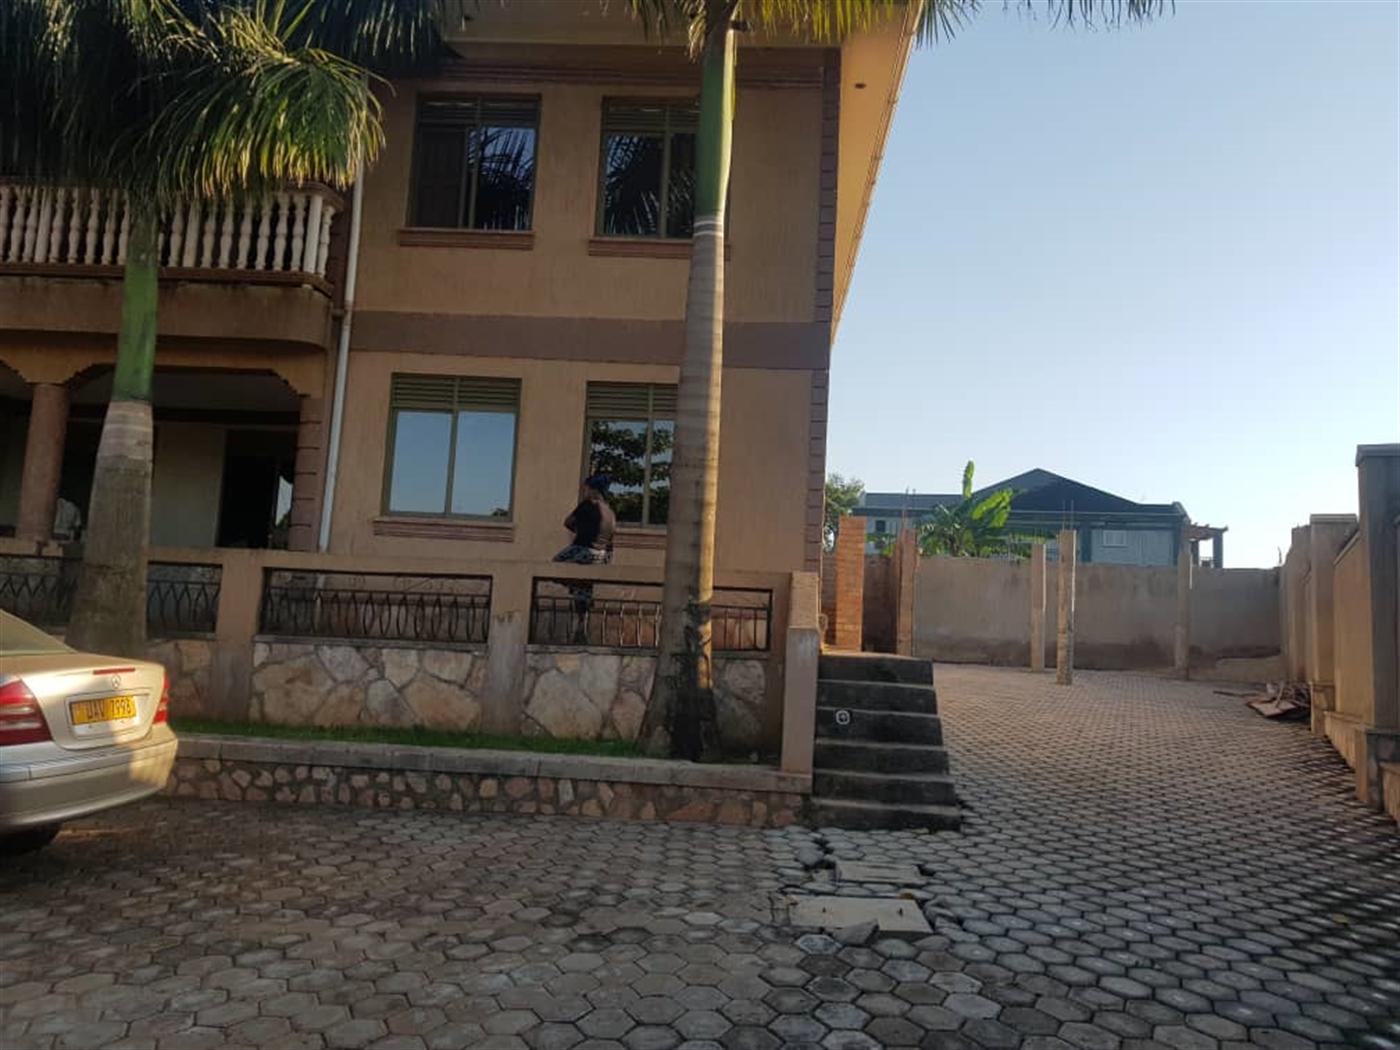 Mansion for sale in Munyonyo Kampala